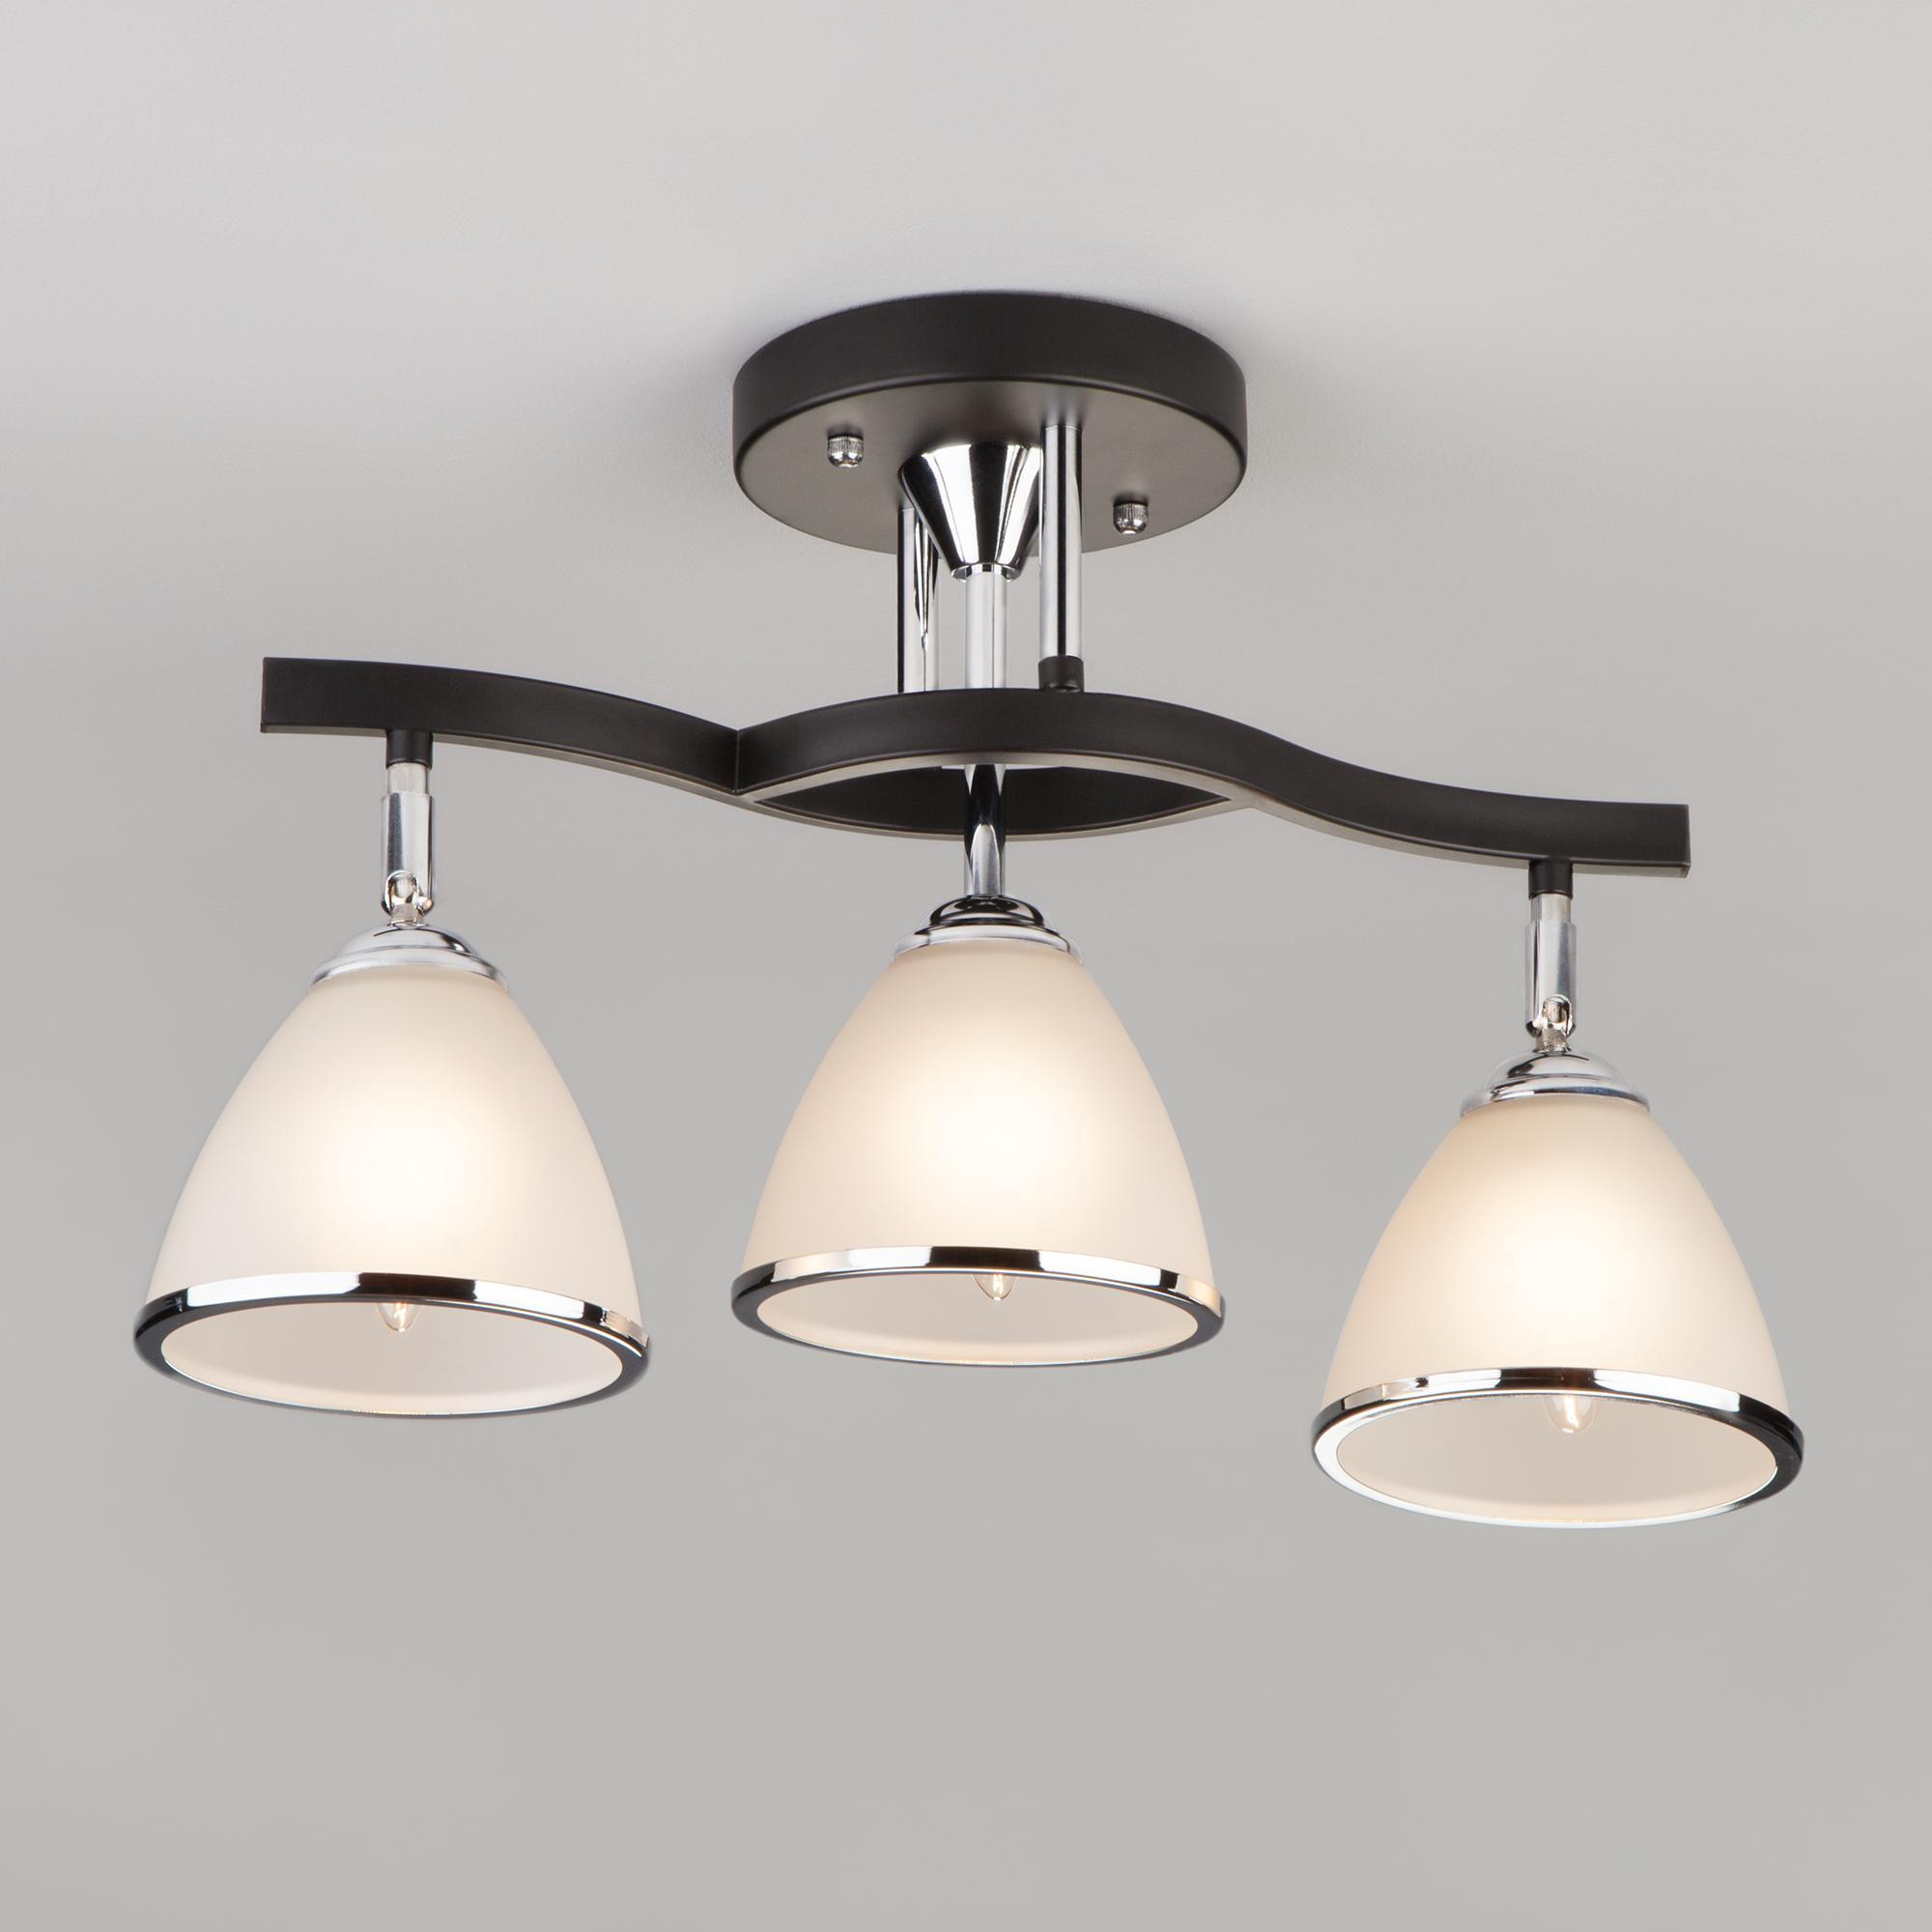 Потолочный светильник Eurosvet 9612/3 хром/венге